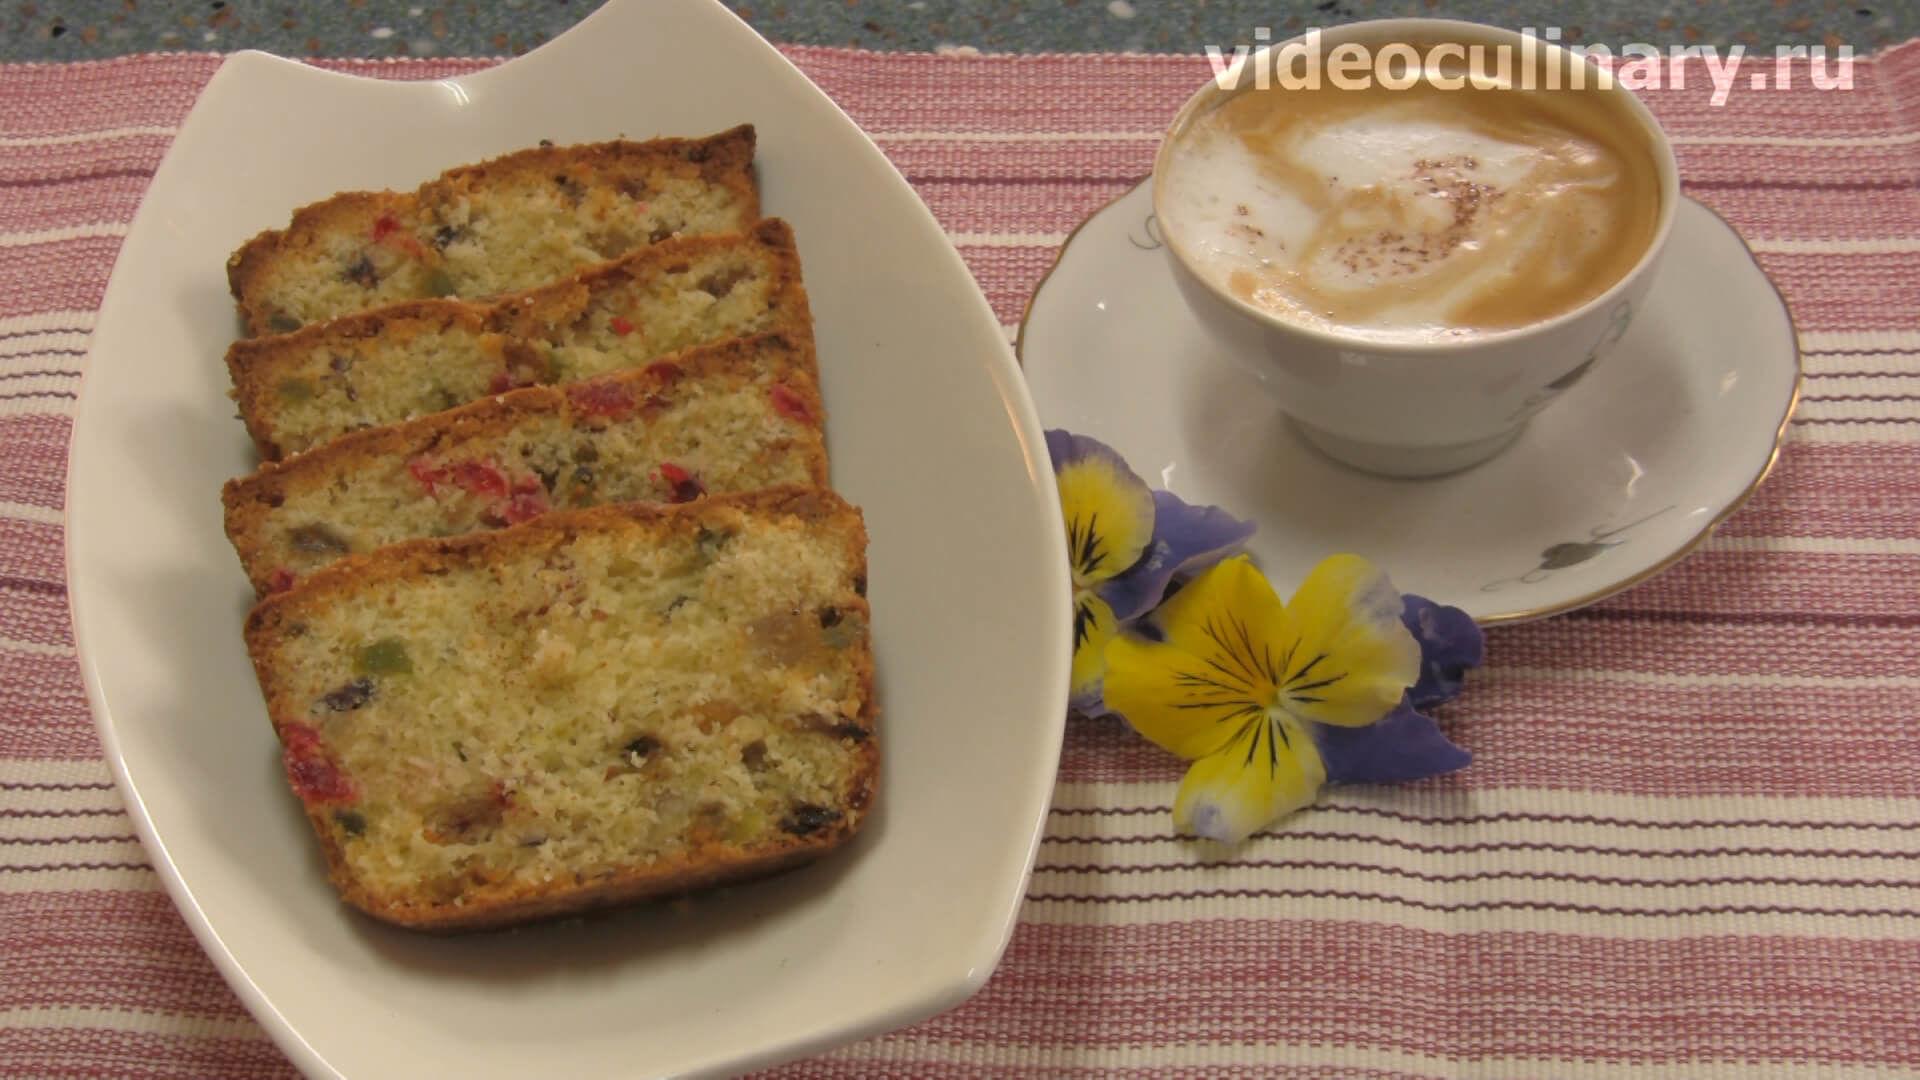 как сделать кексы в домашних условиях рецепт видео